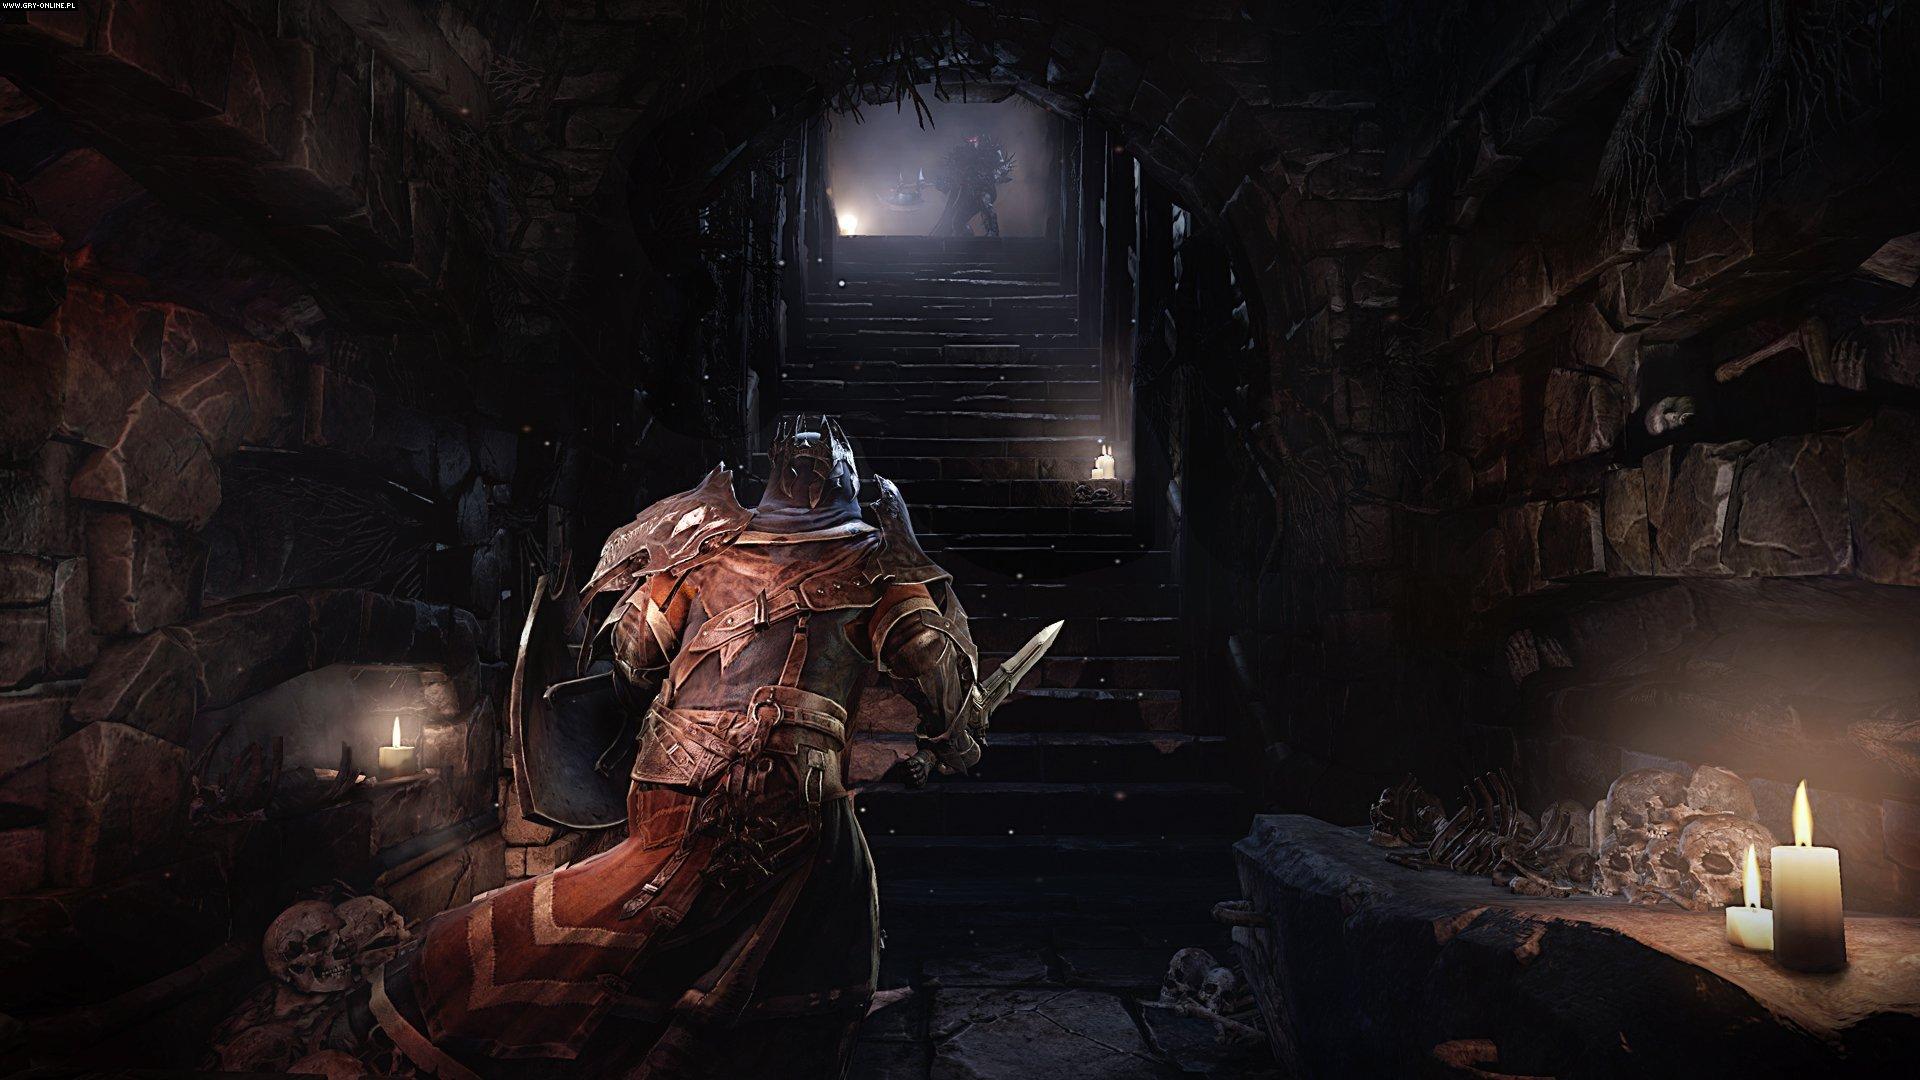 графика lords of the fallen graphics без смс